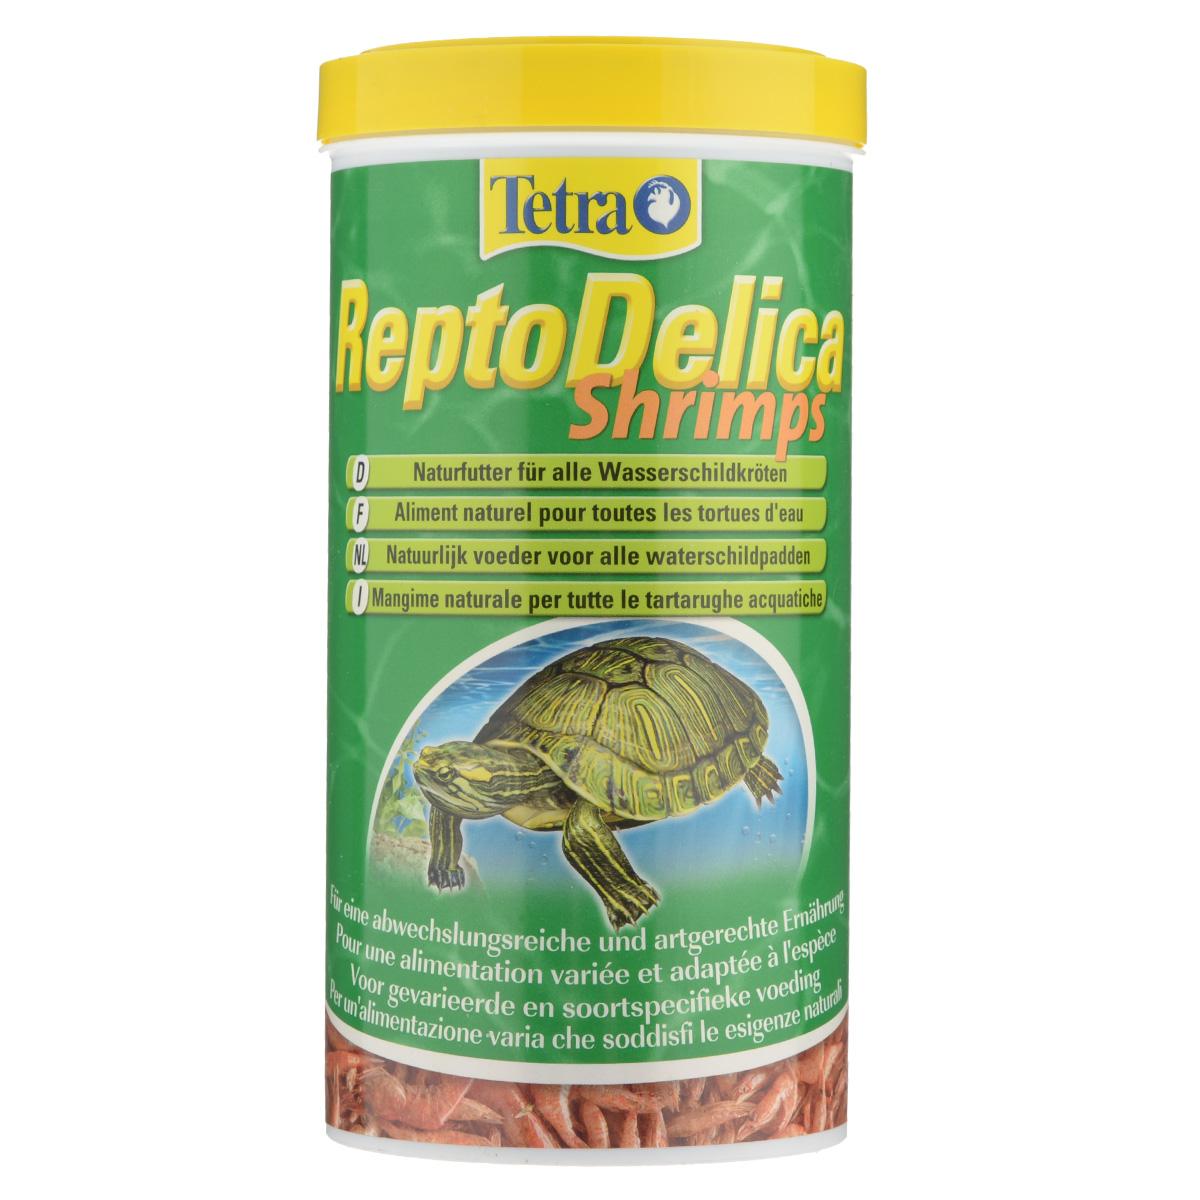 Корм-лакомство для водных черепах Tetra ReptoDelica Shrimps, креветки, 1 л169265Дополнительный корм-лакомство Tetra ReptoDelica Shrimps для плотоядных черепах. Цельные сублимированные креветки для удовольствия и разнообразия в еде. Богаты минералами - способствуют правильному развитию костей и панциря. Отличная добавка. Рекомендации по кормлению: давайте рептилиям такое количество корма, которое они смогут съесть за короткое время. Через 30 минут удалите из воды несъеденные остатки. Состав: 100 % креветки. Вес: 1000 мл (100 г). Товар сертифицирован.